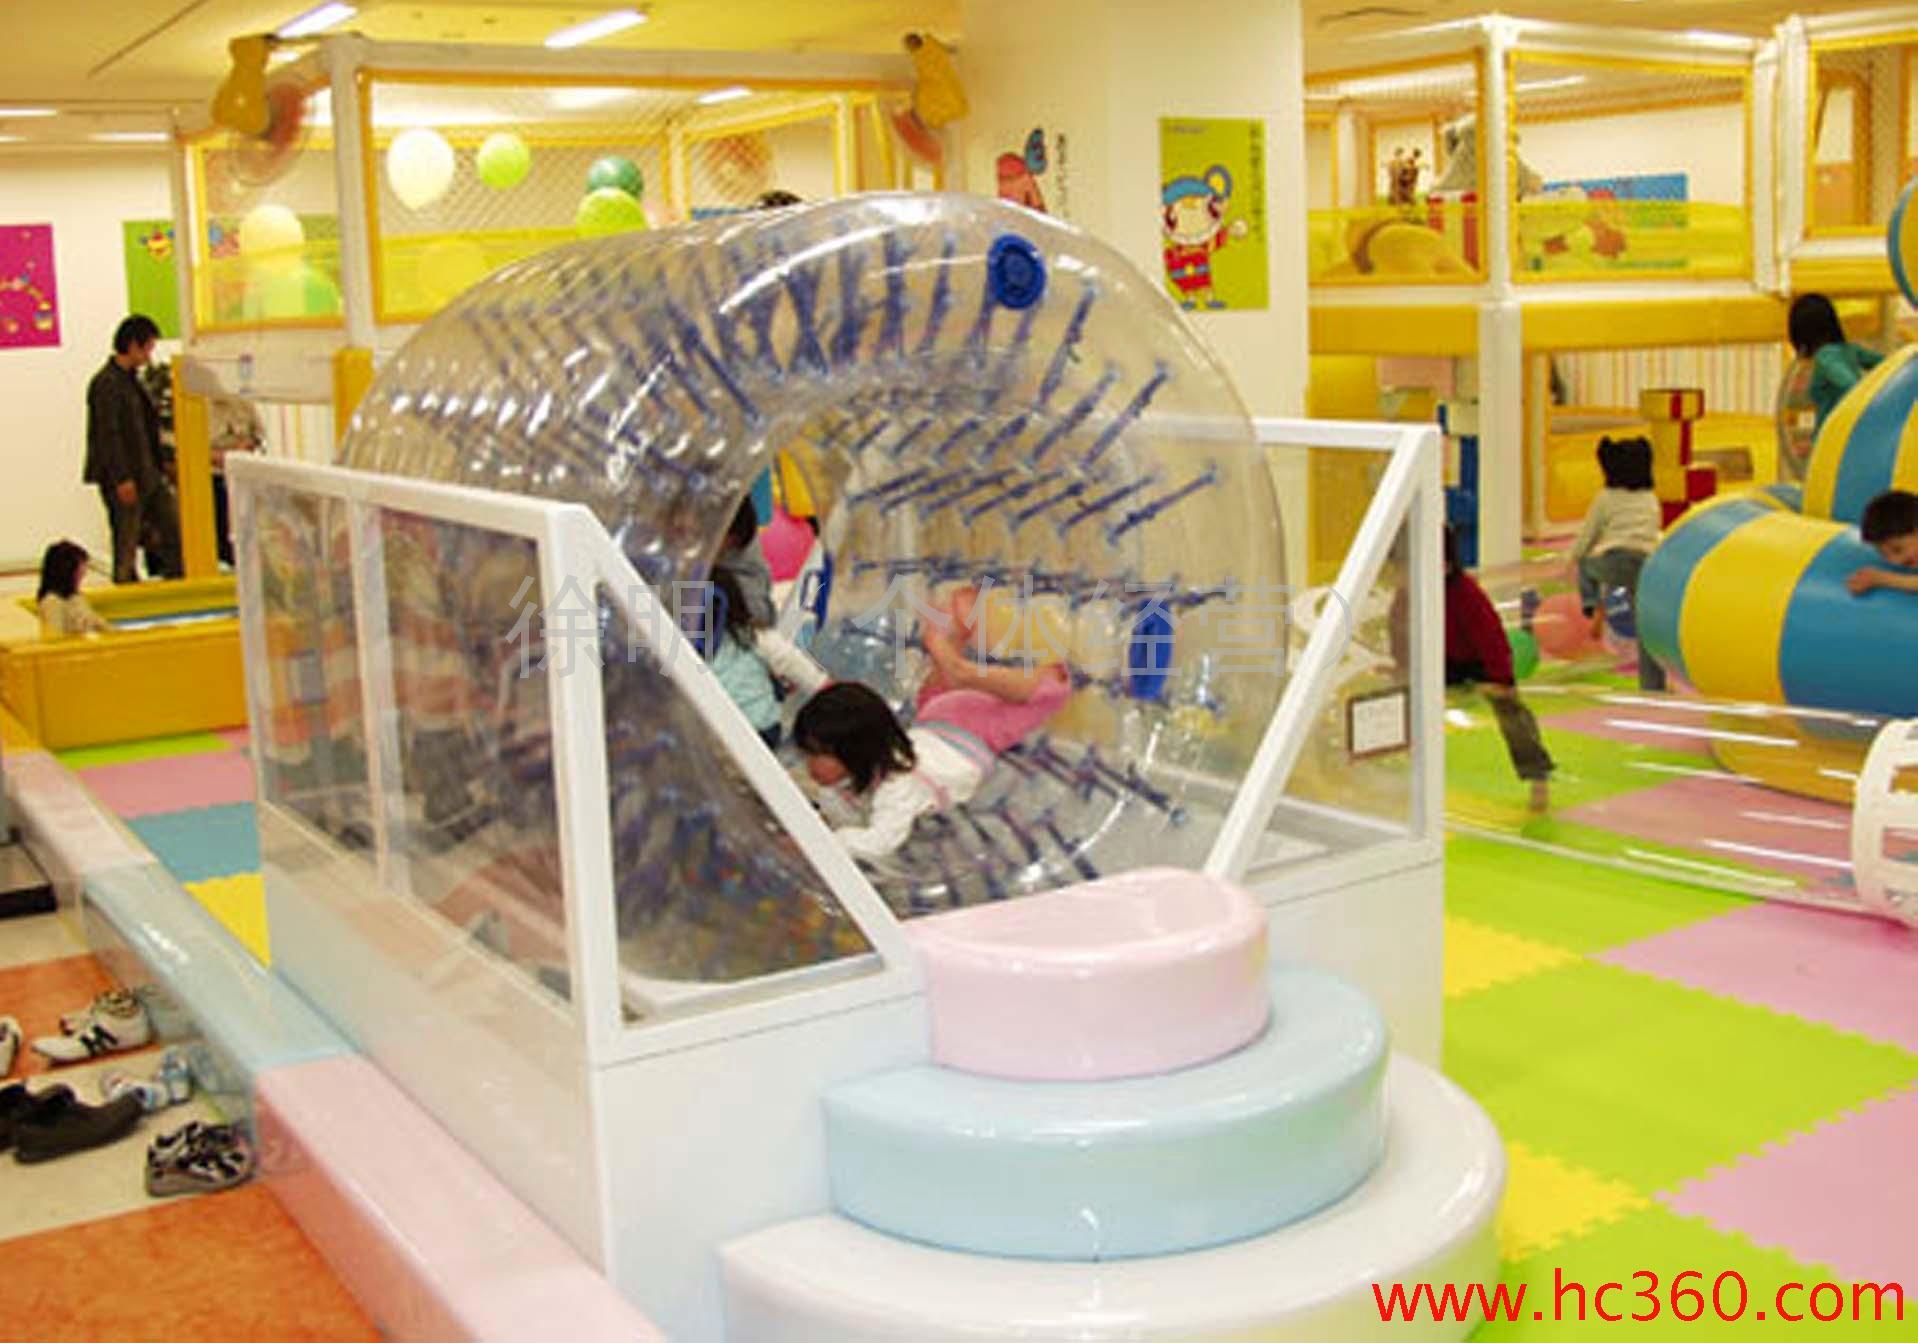 室内儿童乐园淘气堡,淘气堡游乐场